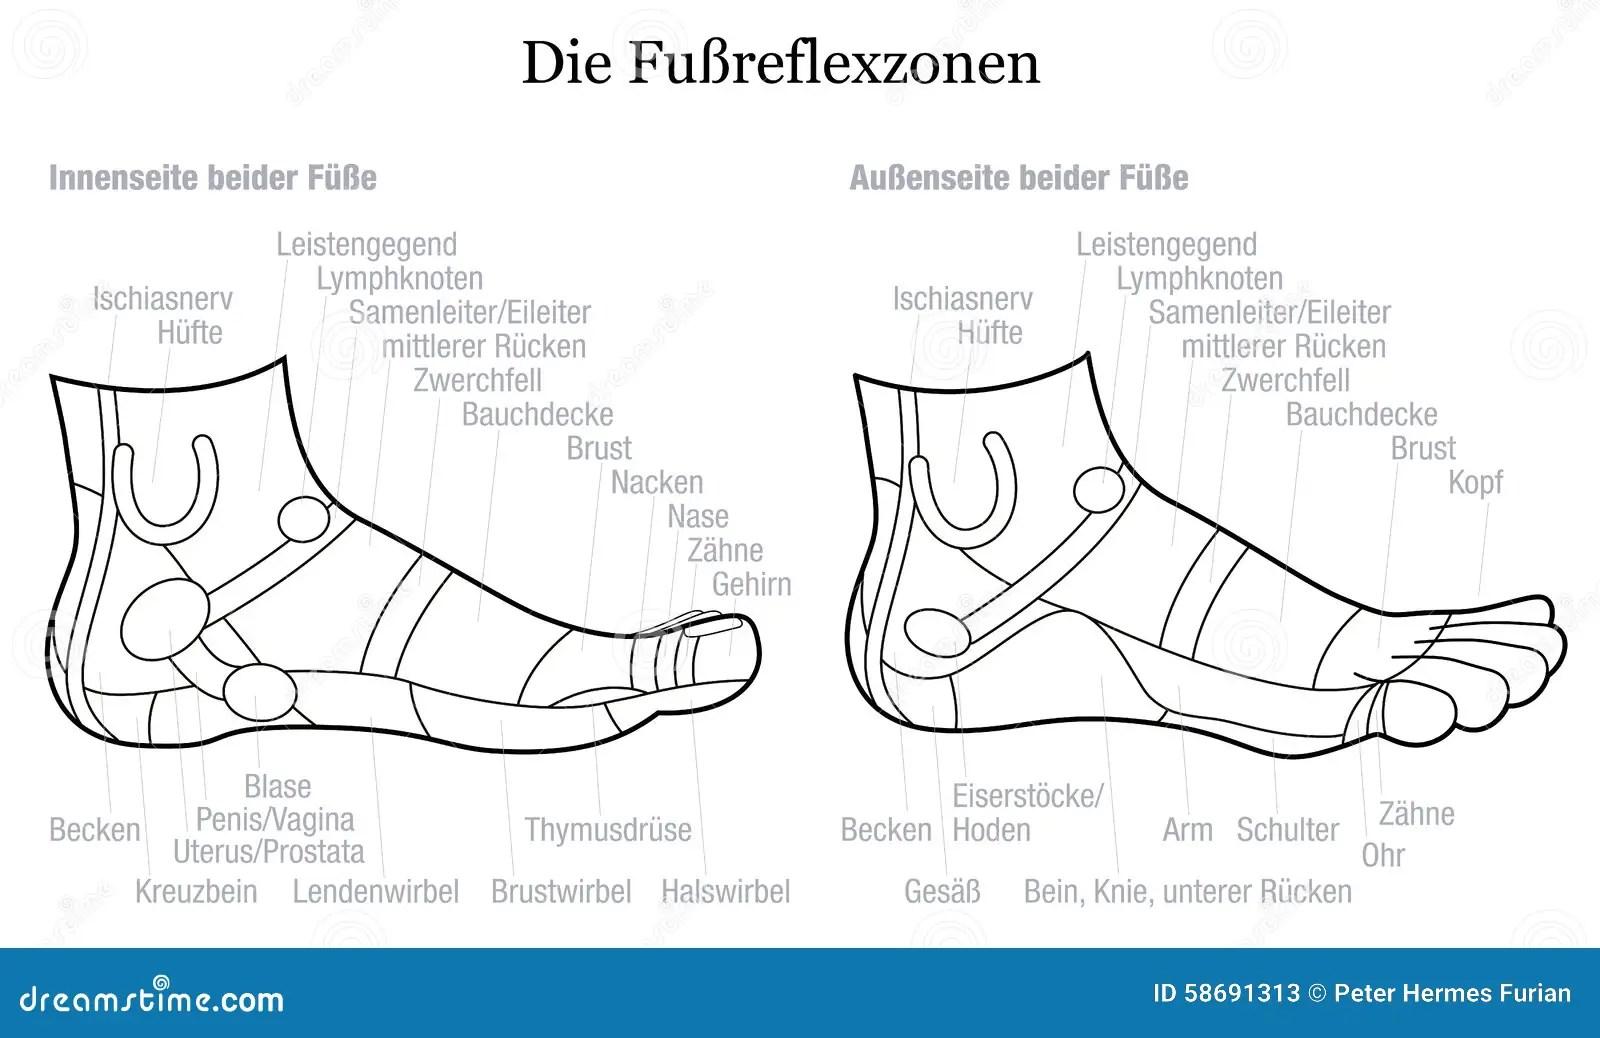 Fu Reflexzonenmassage Seiten Profil Ansicht Beschreibungs